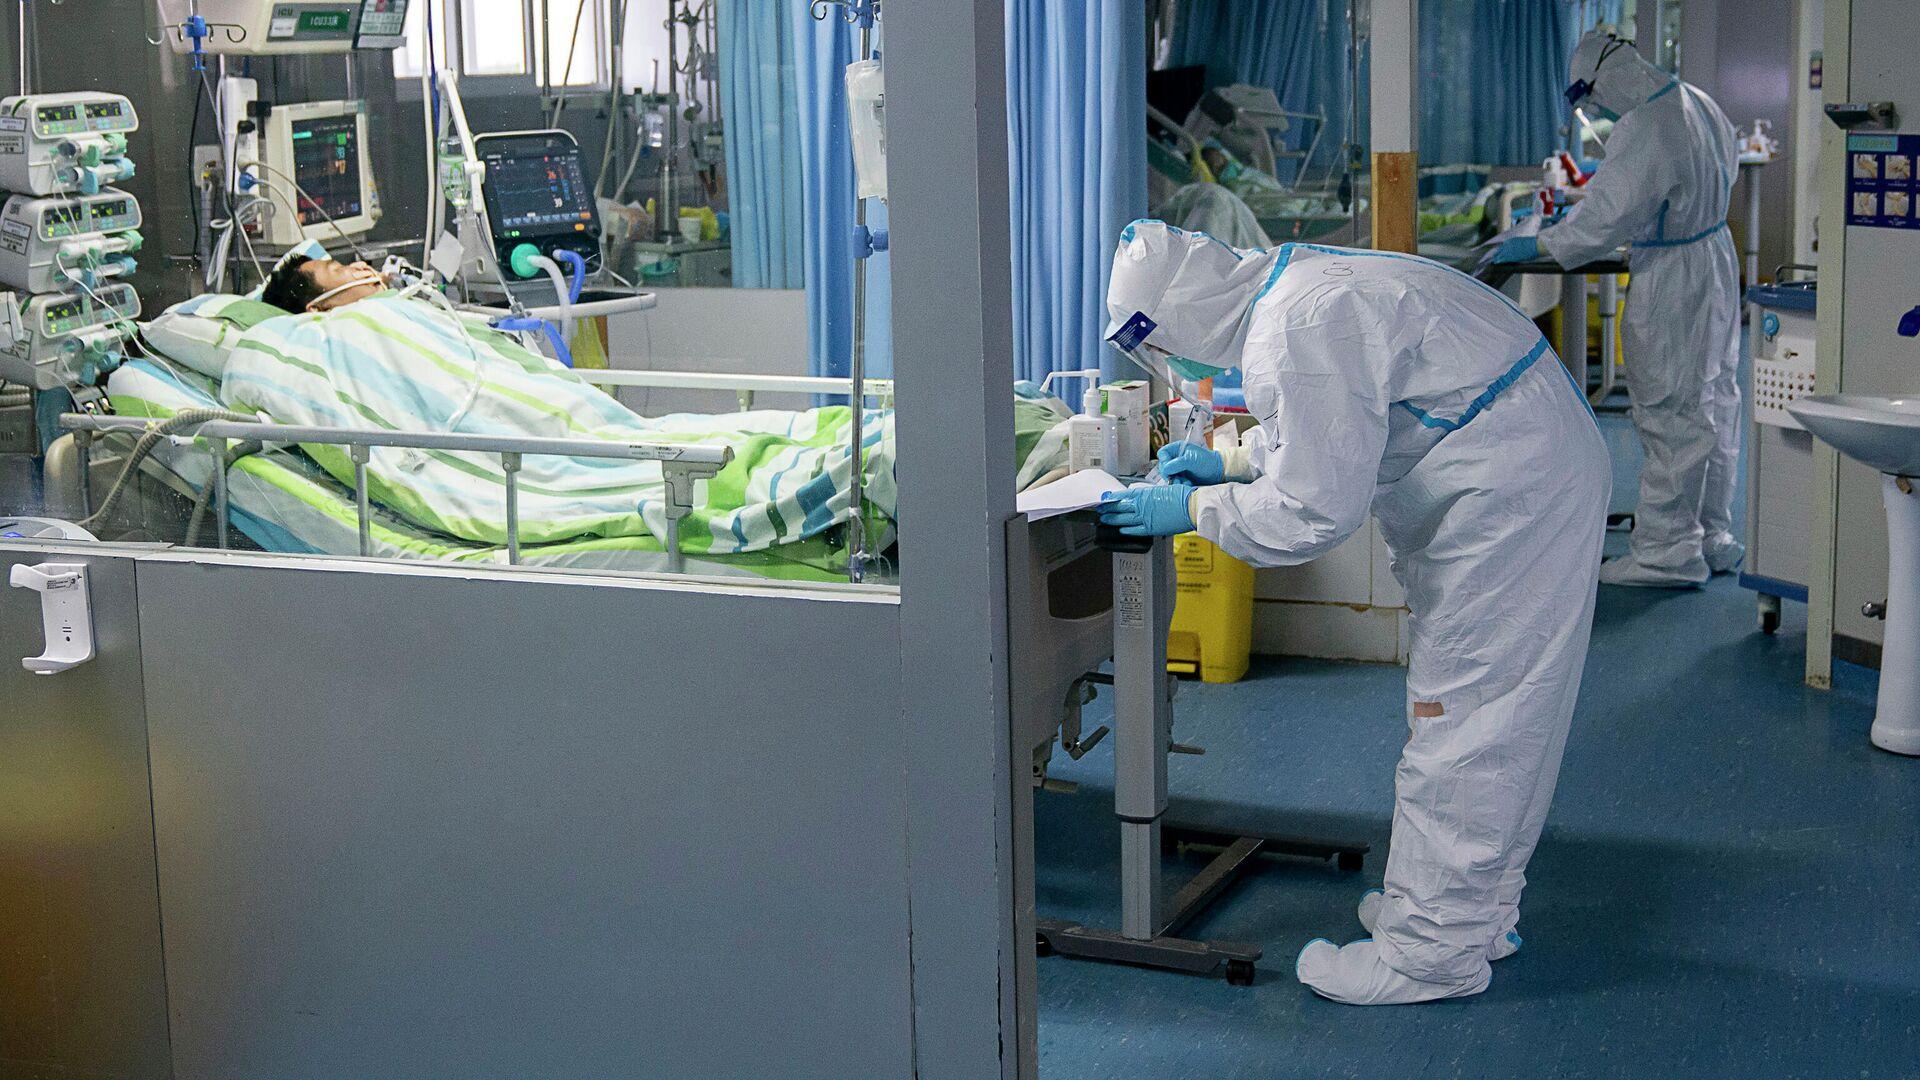 Врачи в отделении интенсивной терапии больницы Чжуннань в Ухане в провинции Хубэй в центральном Китае - РИА Новости, 1920, 16.07.2021